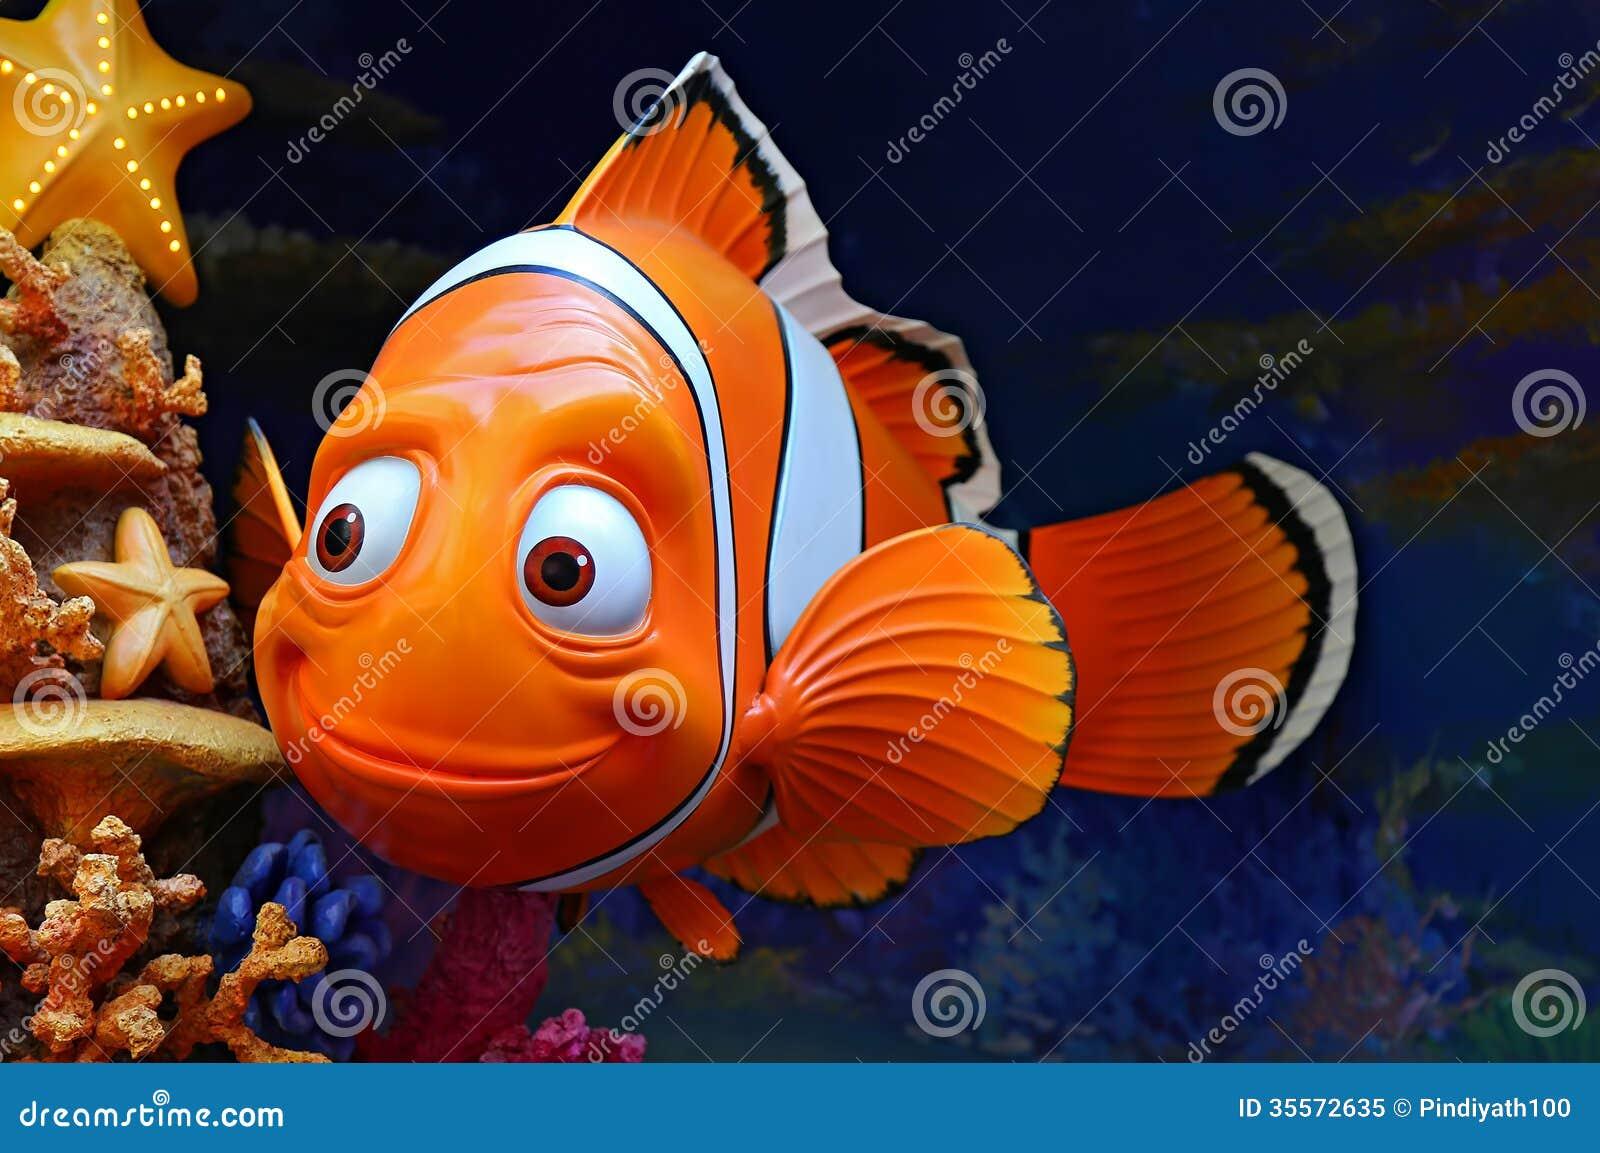 Caractère De Conclusion Pixar De Nemo De Disney Image éditorial ...